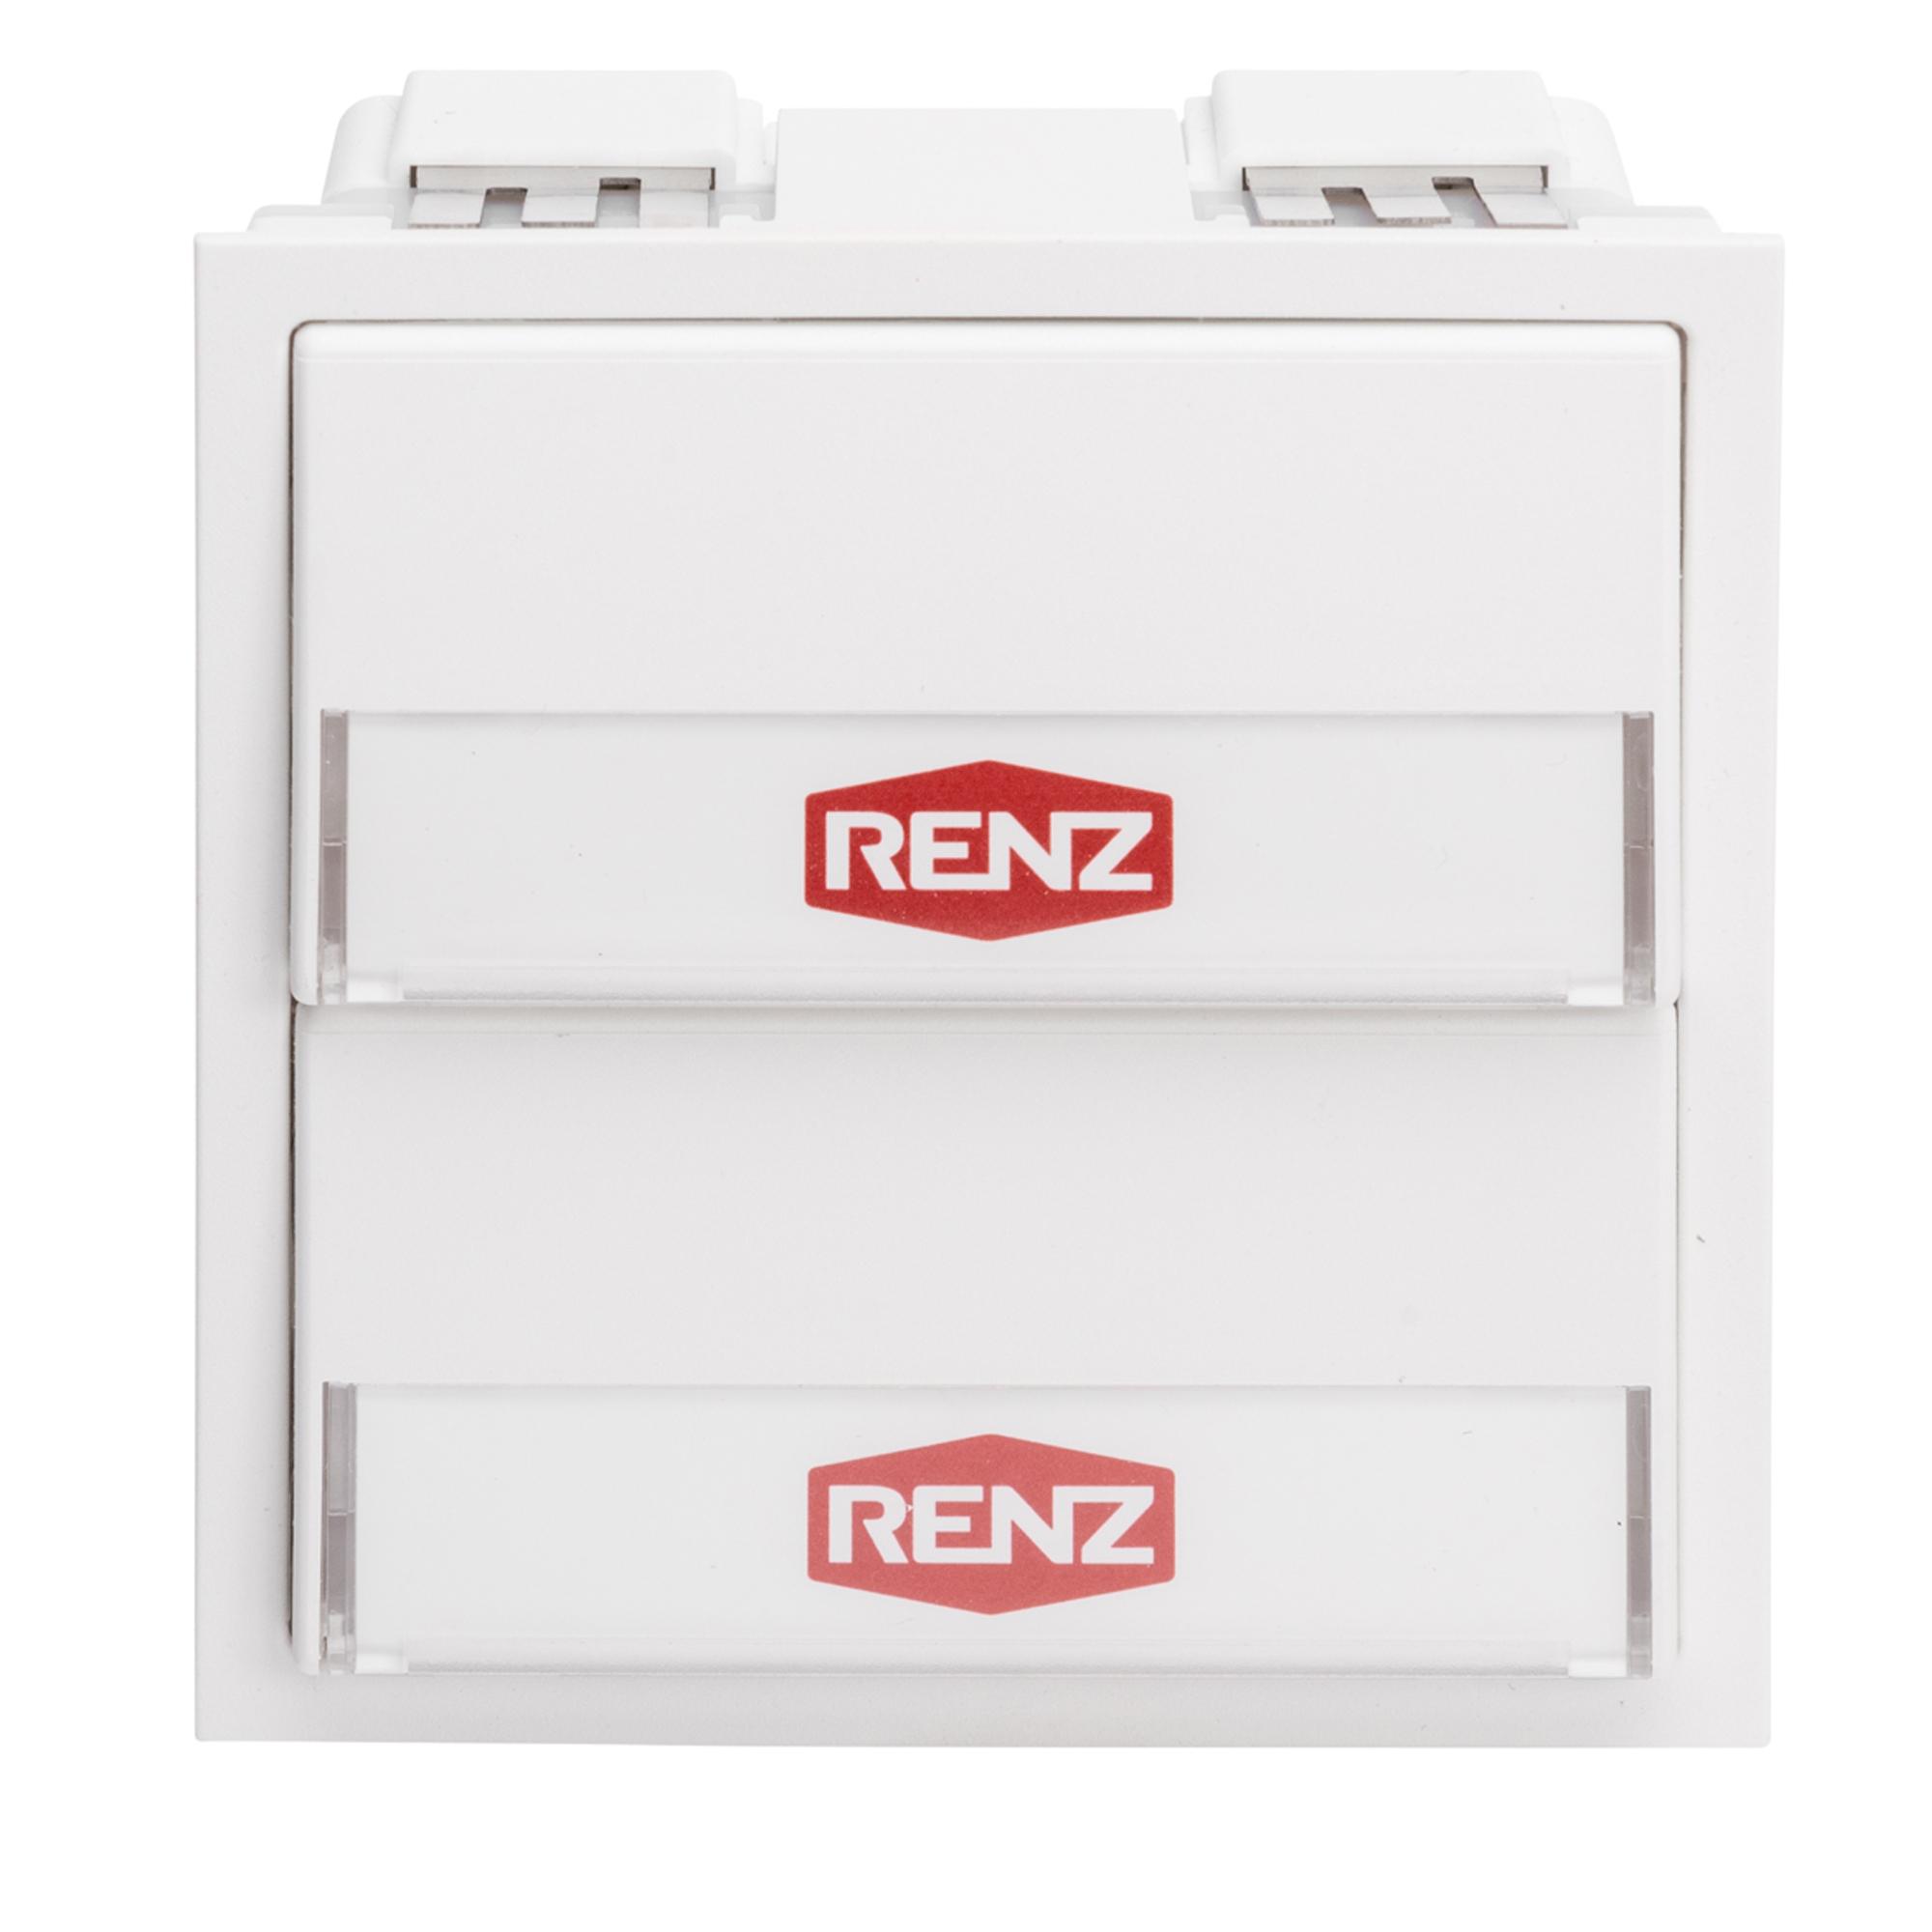 Renz Tastenmodul mit 2 Klingeltaster weiß